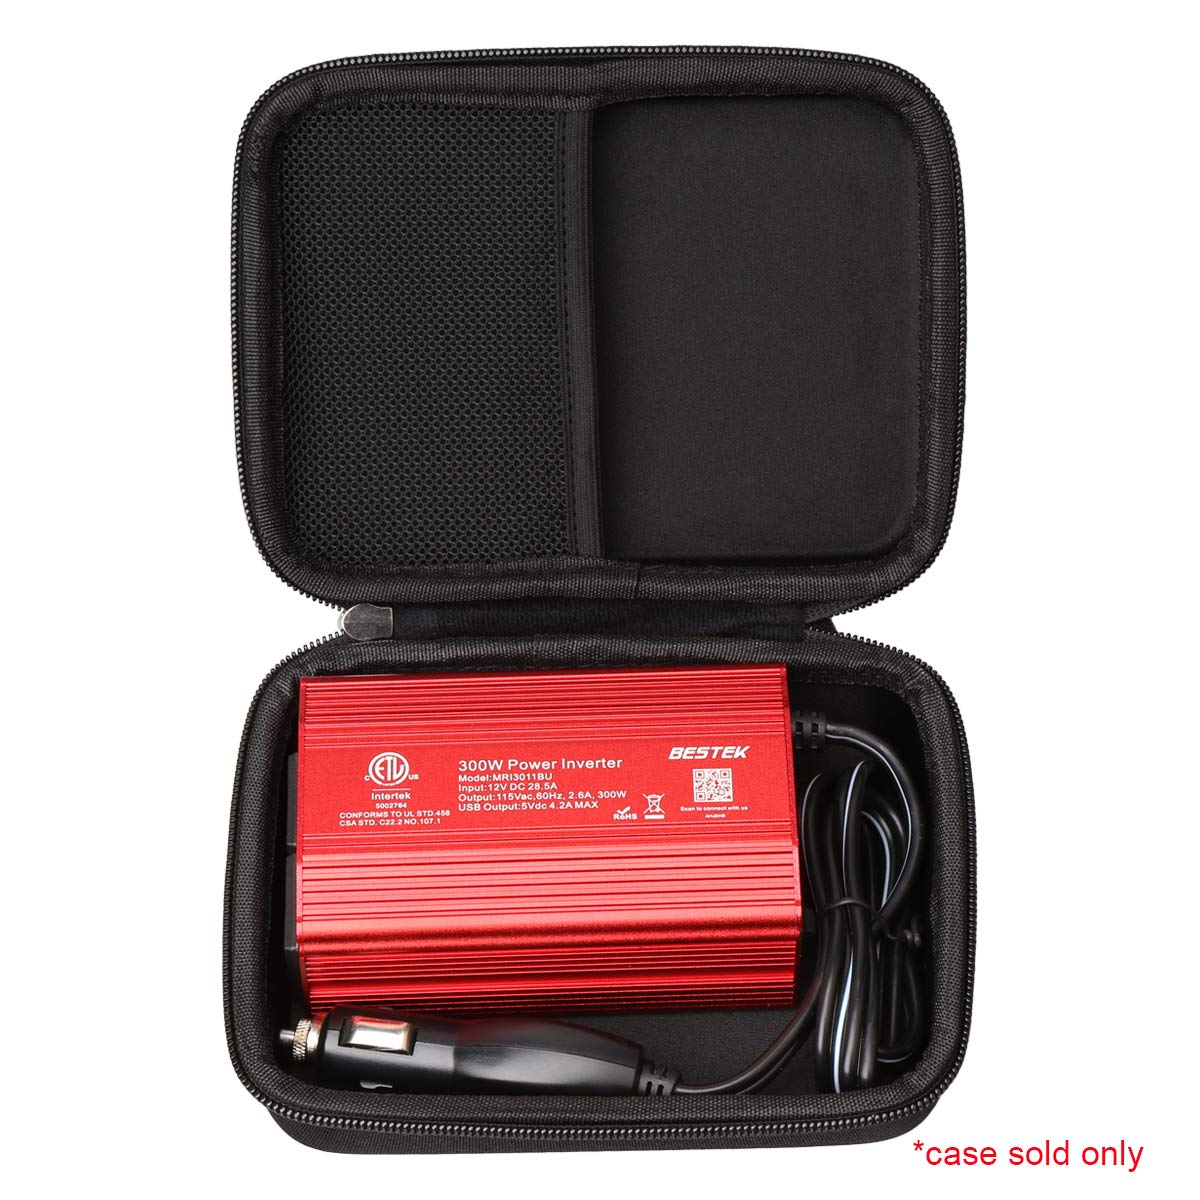 Aproca Hard Protective Travel Csae Bag for BESTEK 300W/Foval 150W Power Inverter Car Inverter